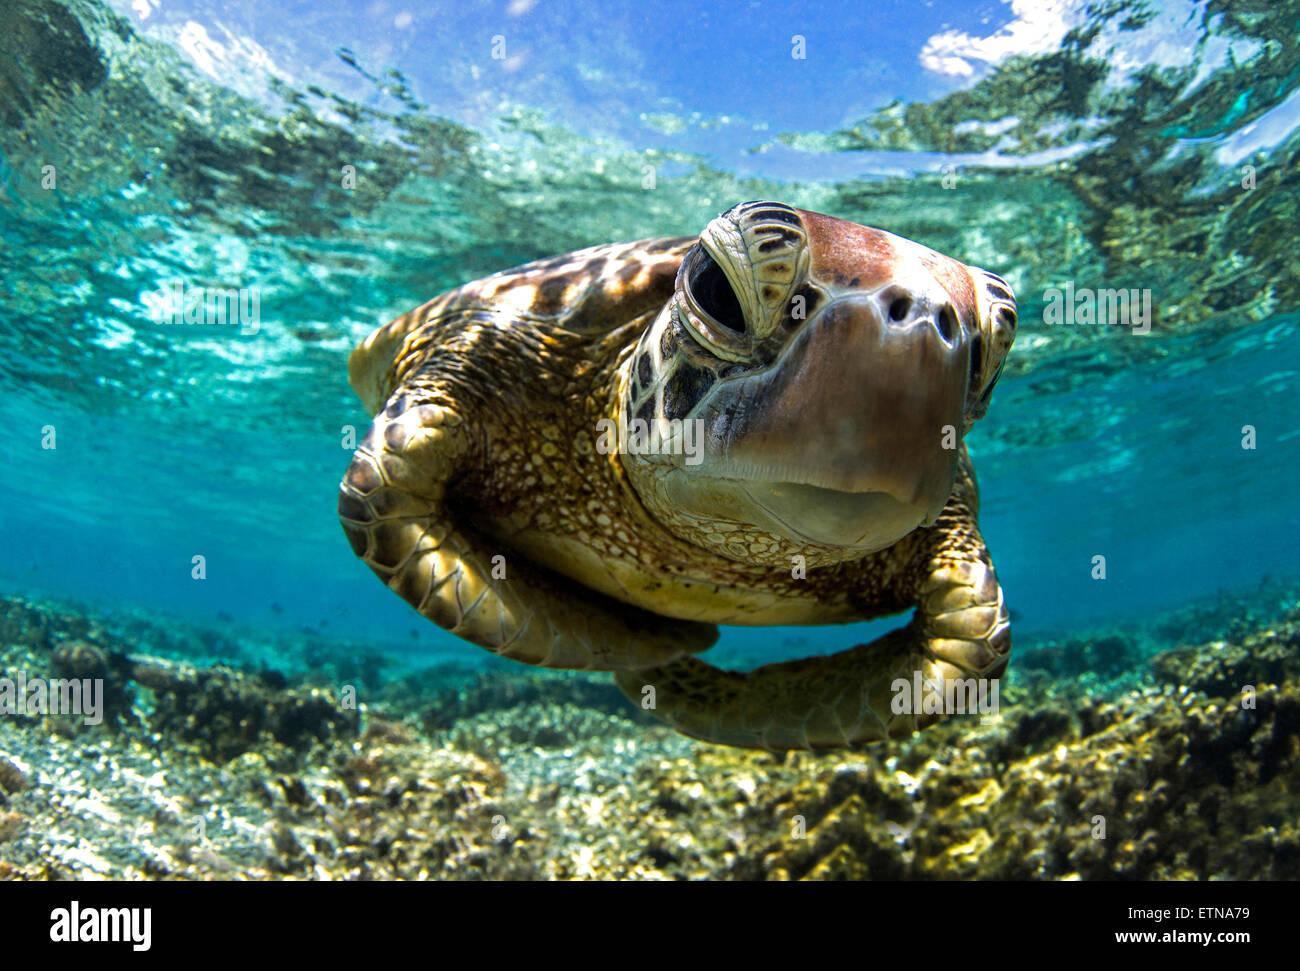 Primer plano de una tortuga de natación subacuática en el arrecife, Queensland, Australia Imagen De Stock